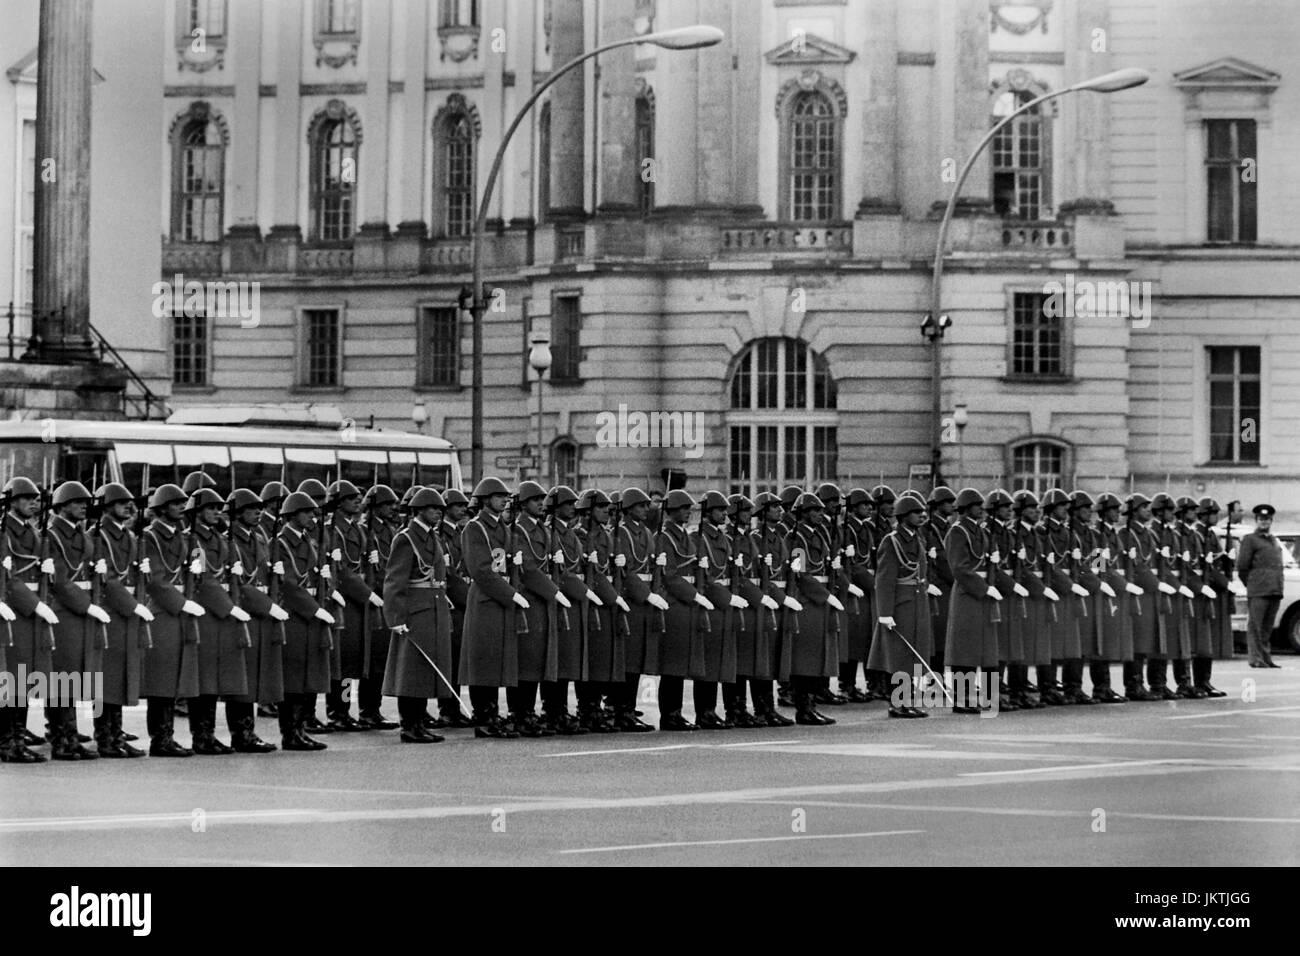 Il NVA, Nazionale Esercito del popolo della Repubblica democratica tedesca, Deutsche Demokratische Republik, cerimonia Immagini Stock